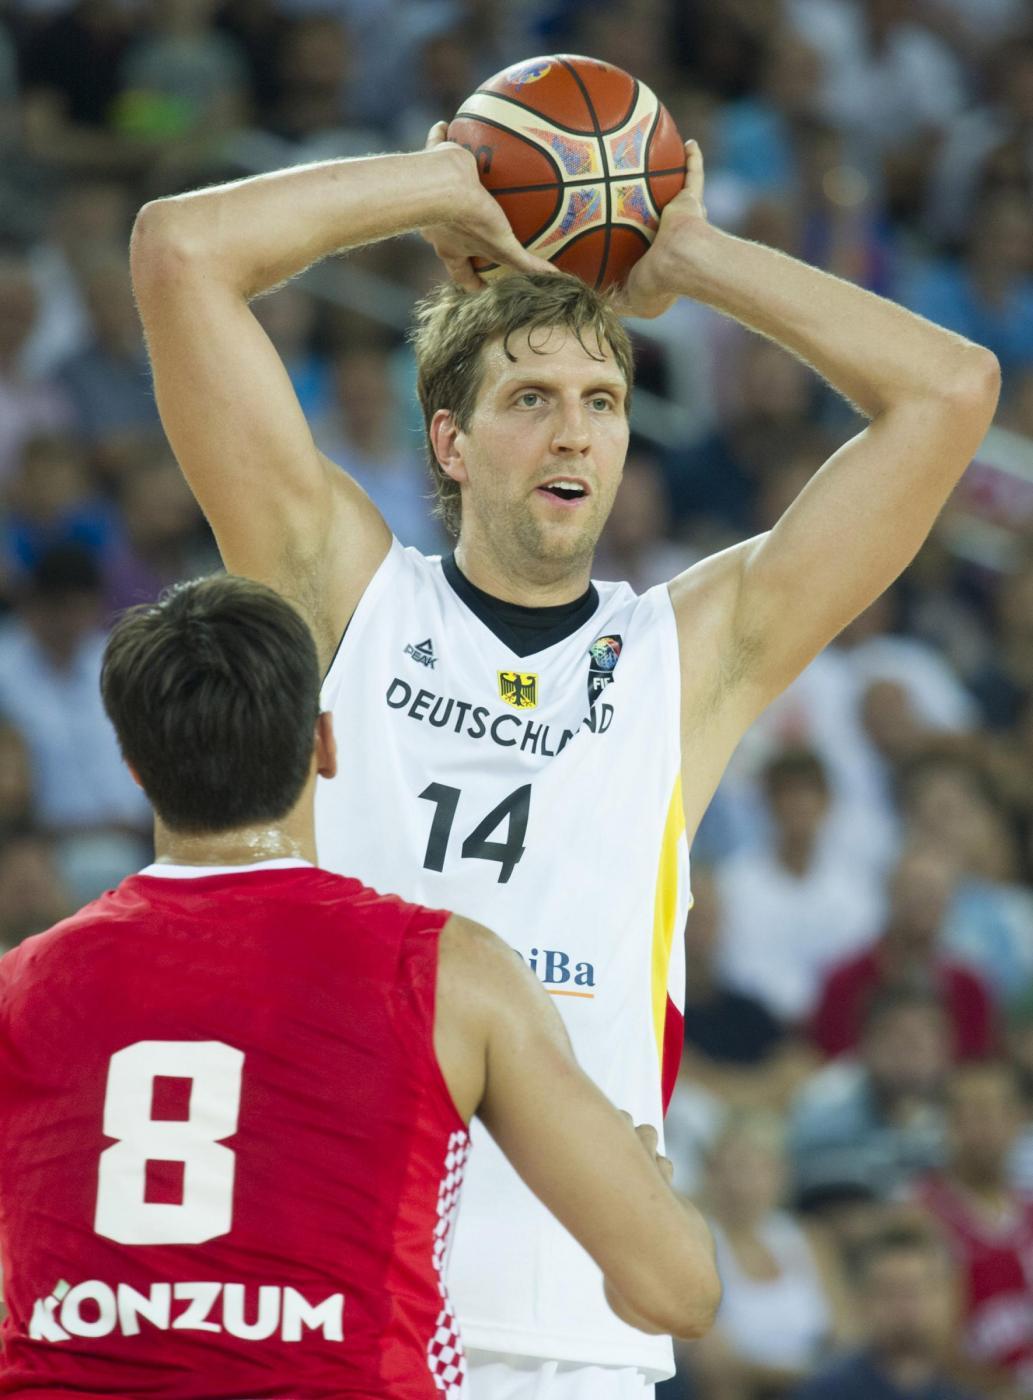 Zagreb Basketball